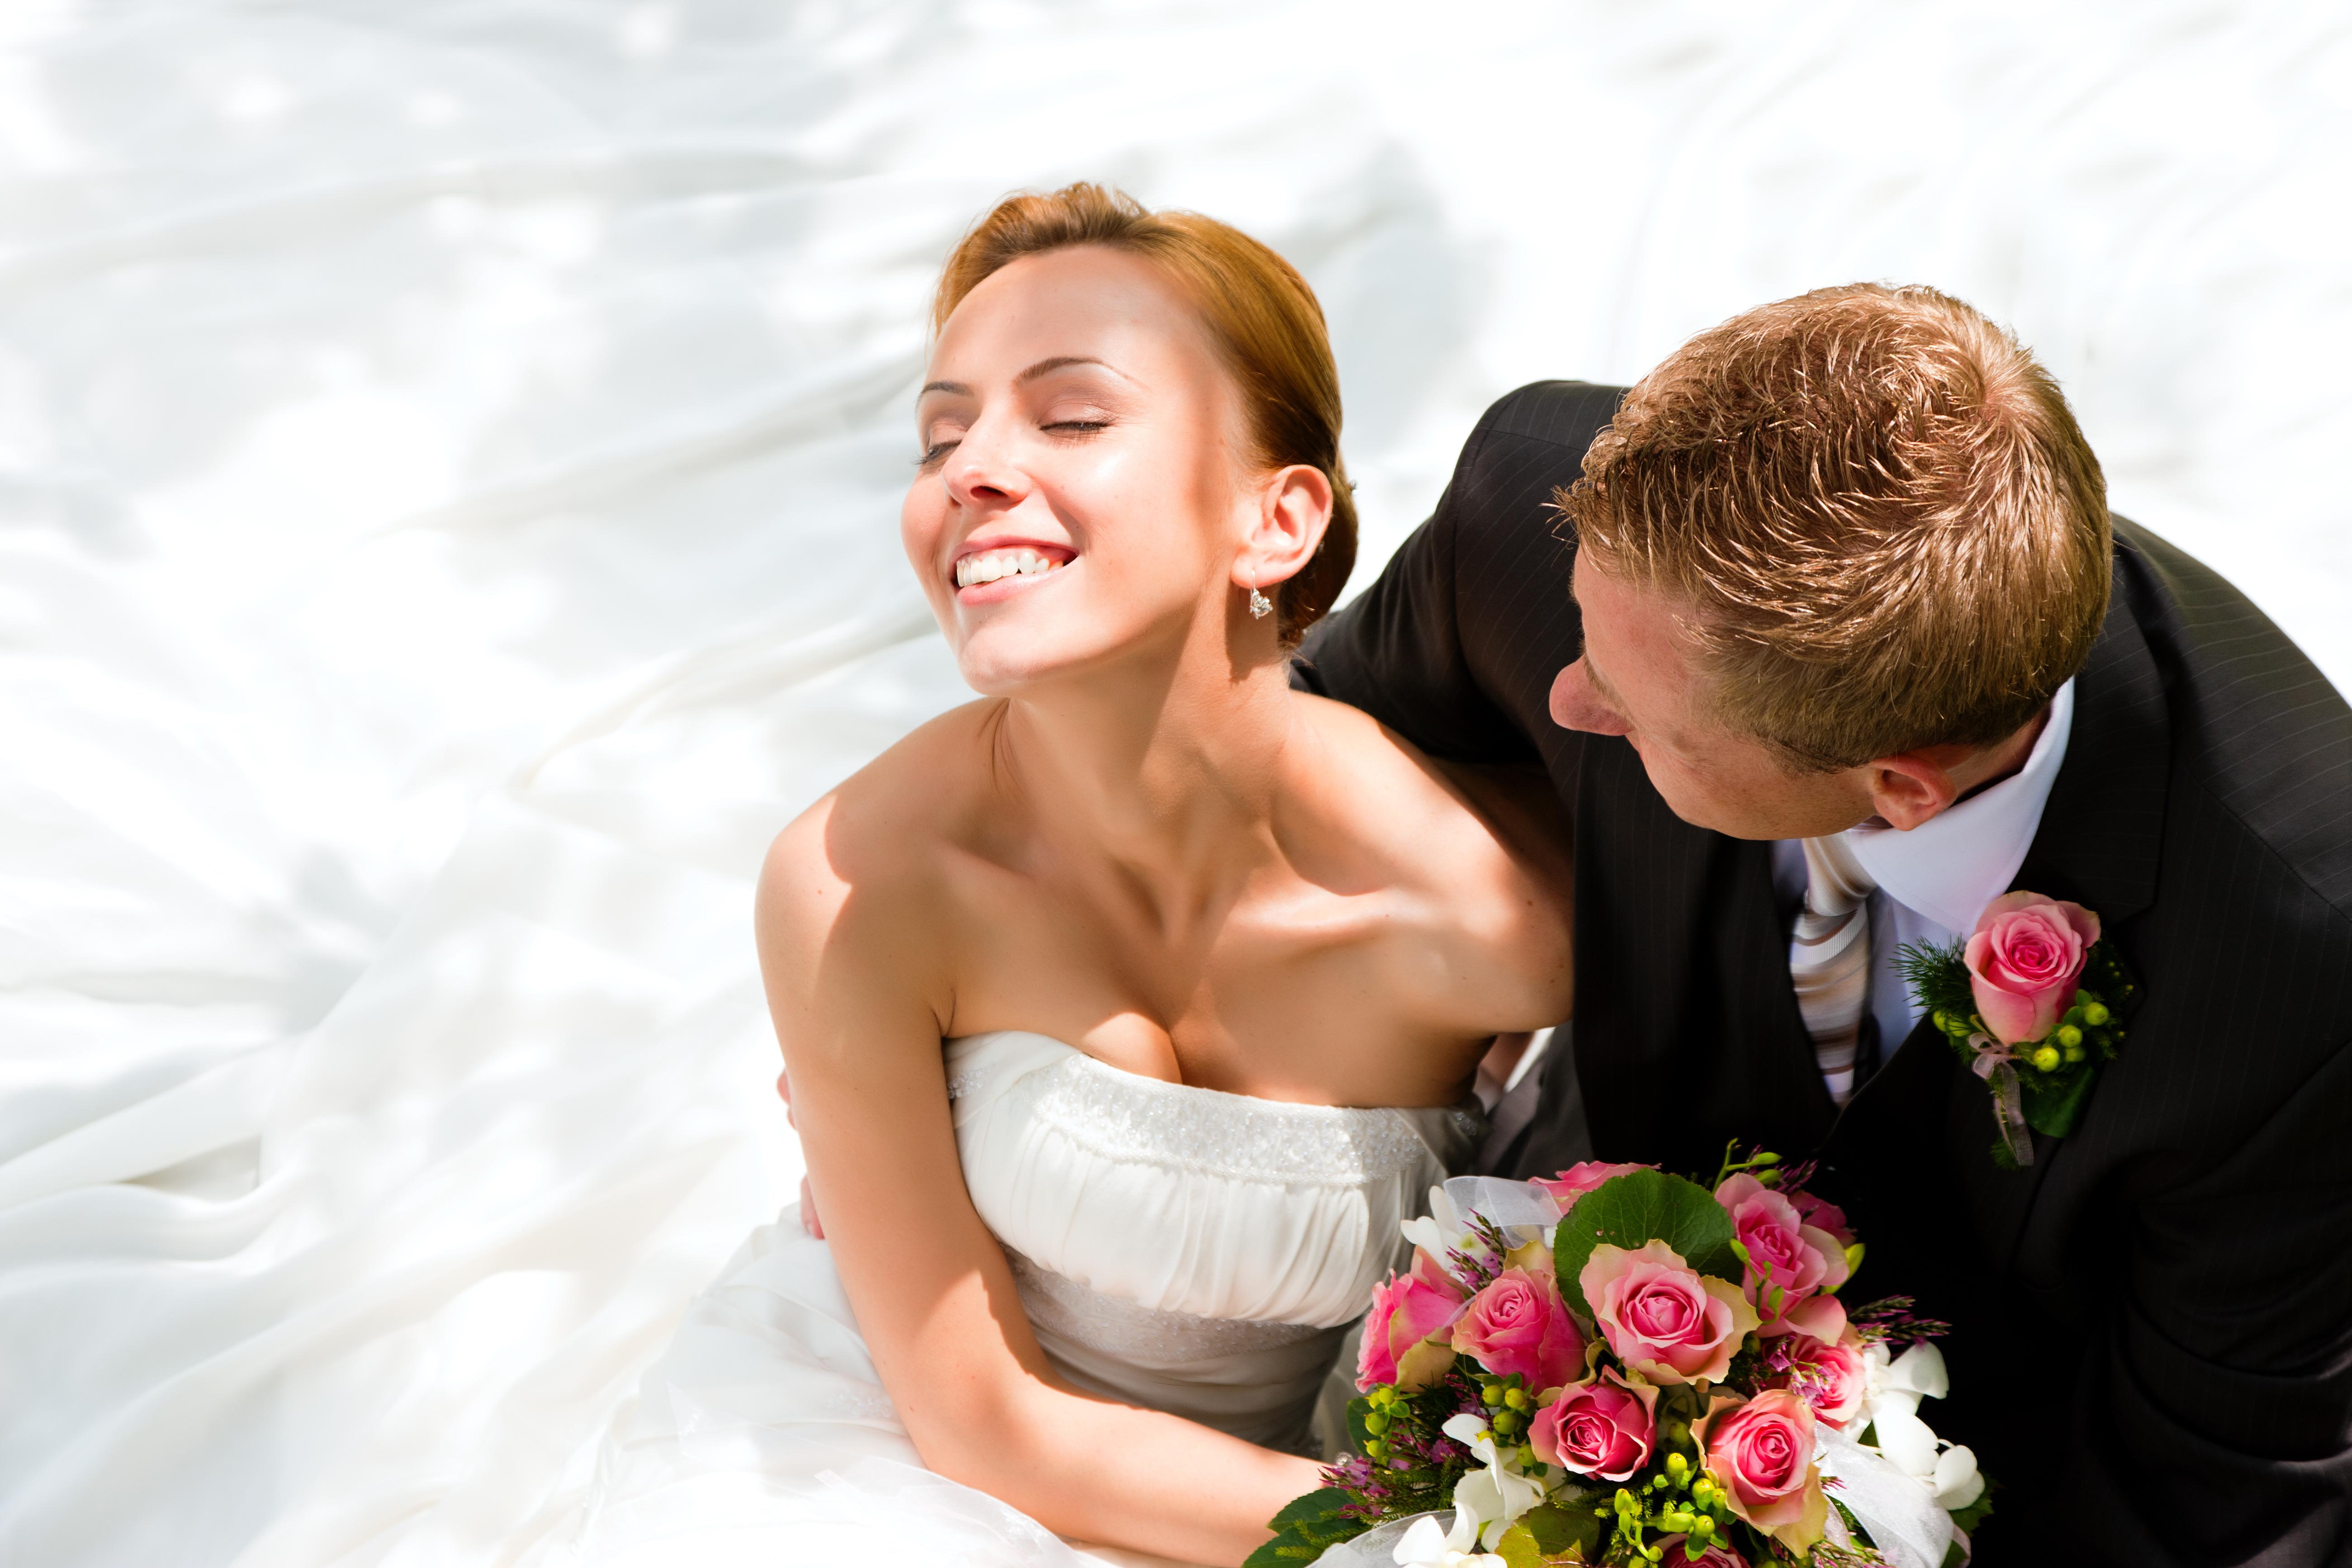 в каком разрешении отдают свадебные фото проб ошибок поняла